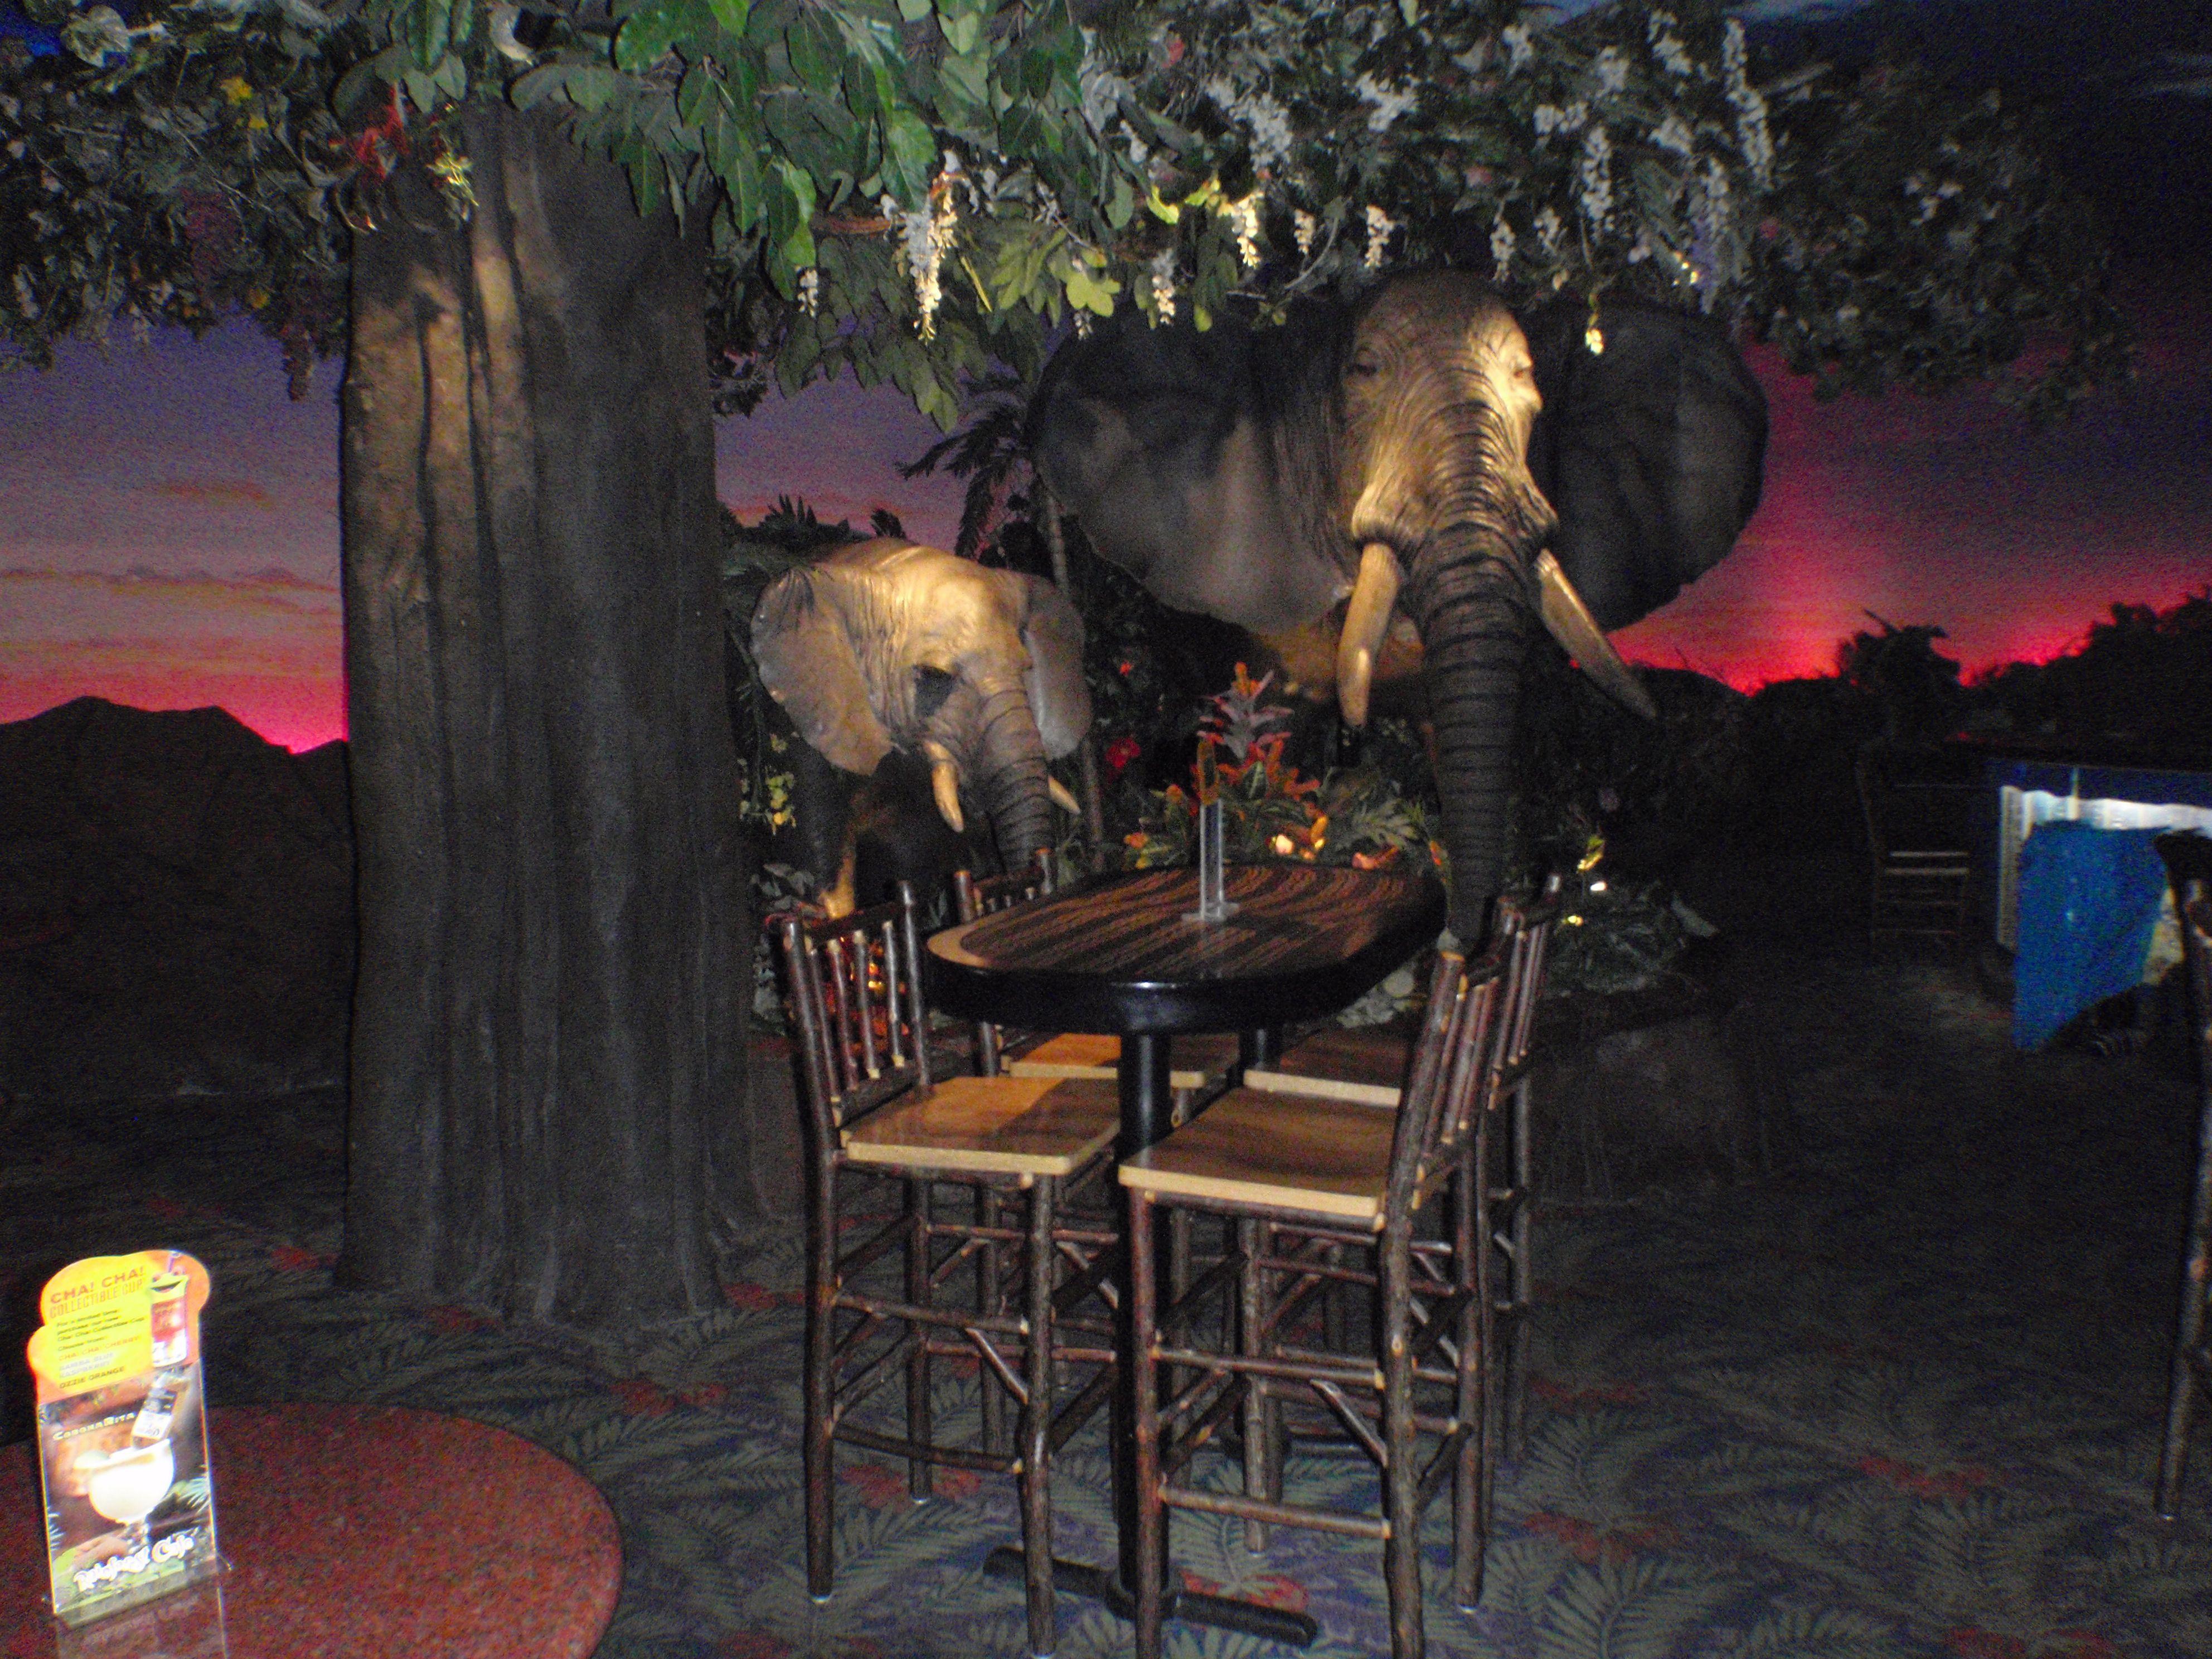 Ved Fisherman's Wharf på Jefferson Street finder man et unikt madkoncept, som er et besøg hver for både børn og barnlige sjæle. Her sidder du midt i en kunstig regnskov omgivet af tropiske dyr, som siger lyder og bevæger sig. Retter som f.eks. Rumble in the Jungle Turkey wrap er på menuen. Et virkelig gennemført koncept!